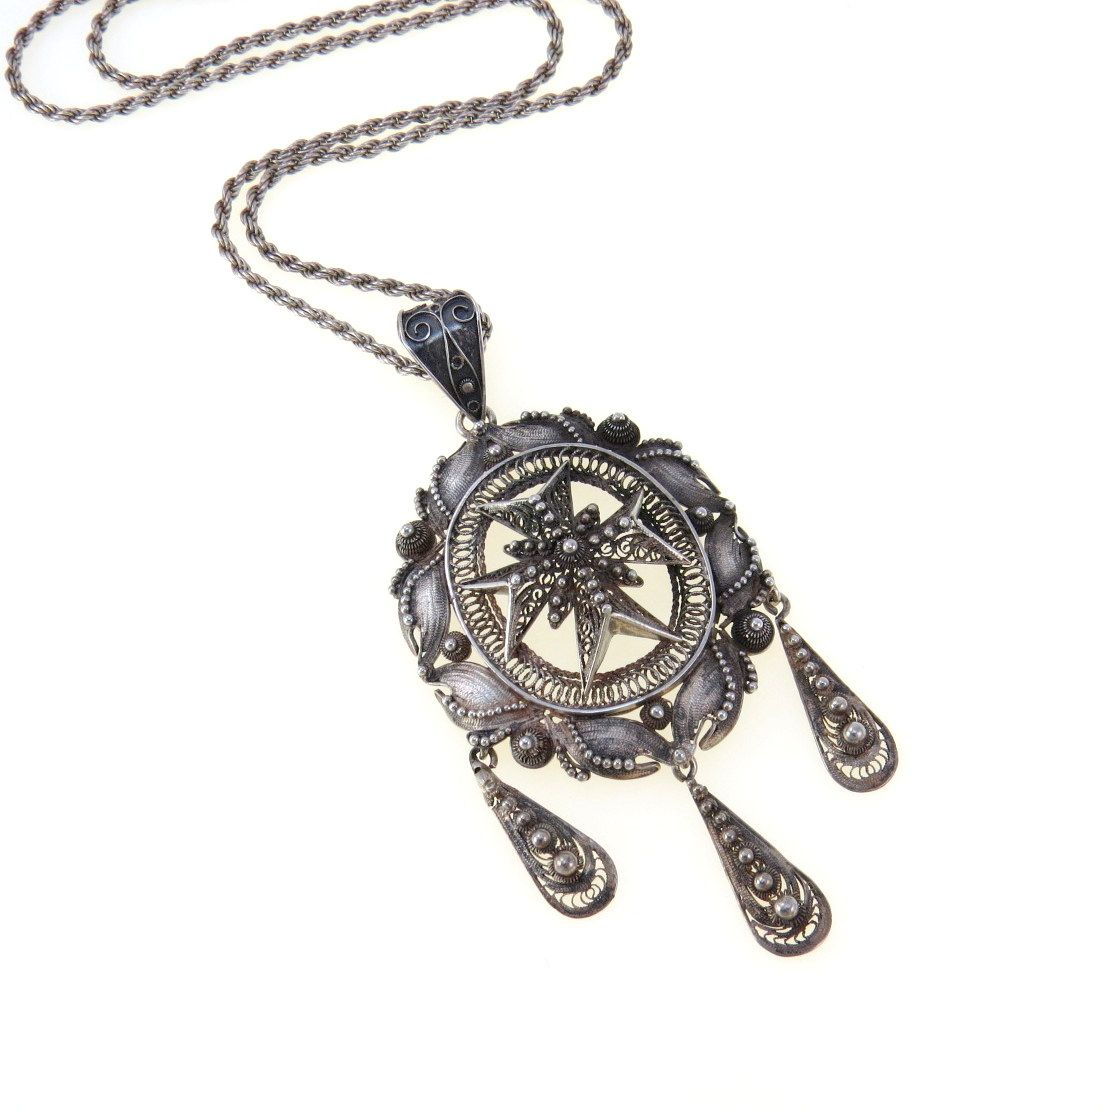 Antique canetille filigree spun silver maltese cross pendant antique canetille filigree spun silver maltese cross pendant necklace aloadofball Images